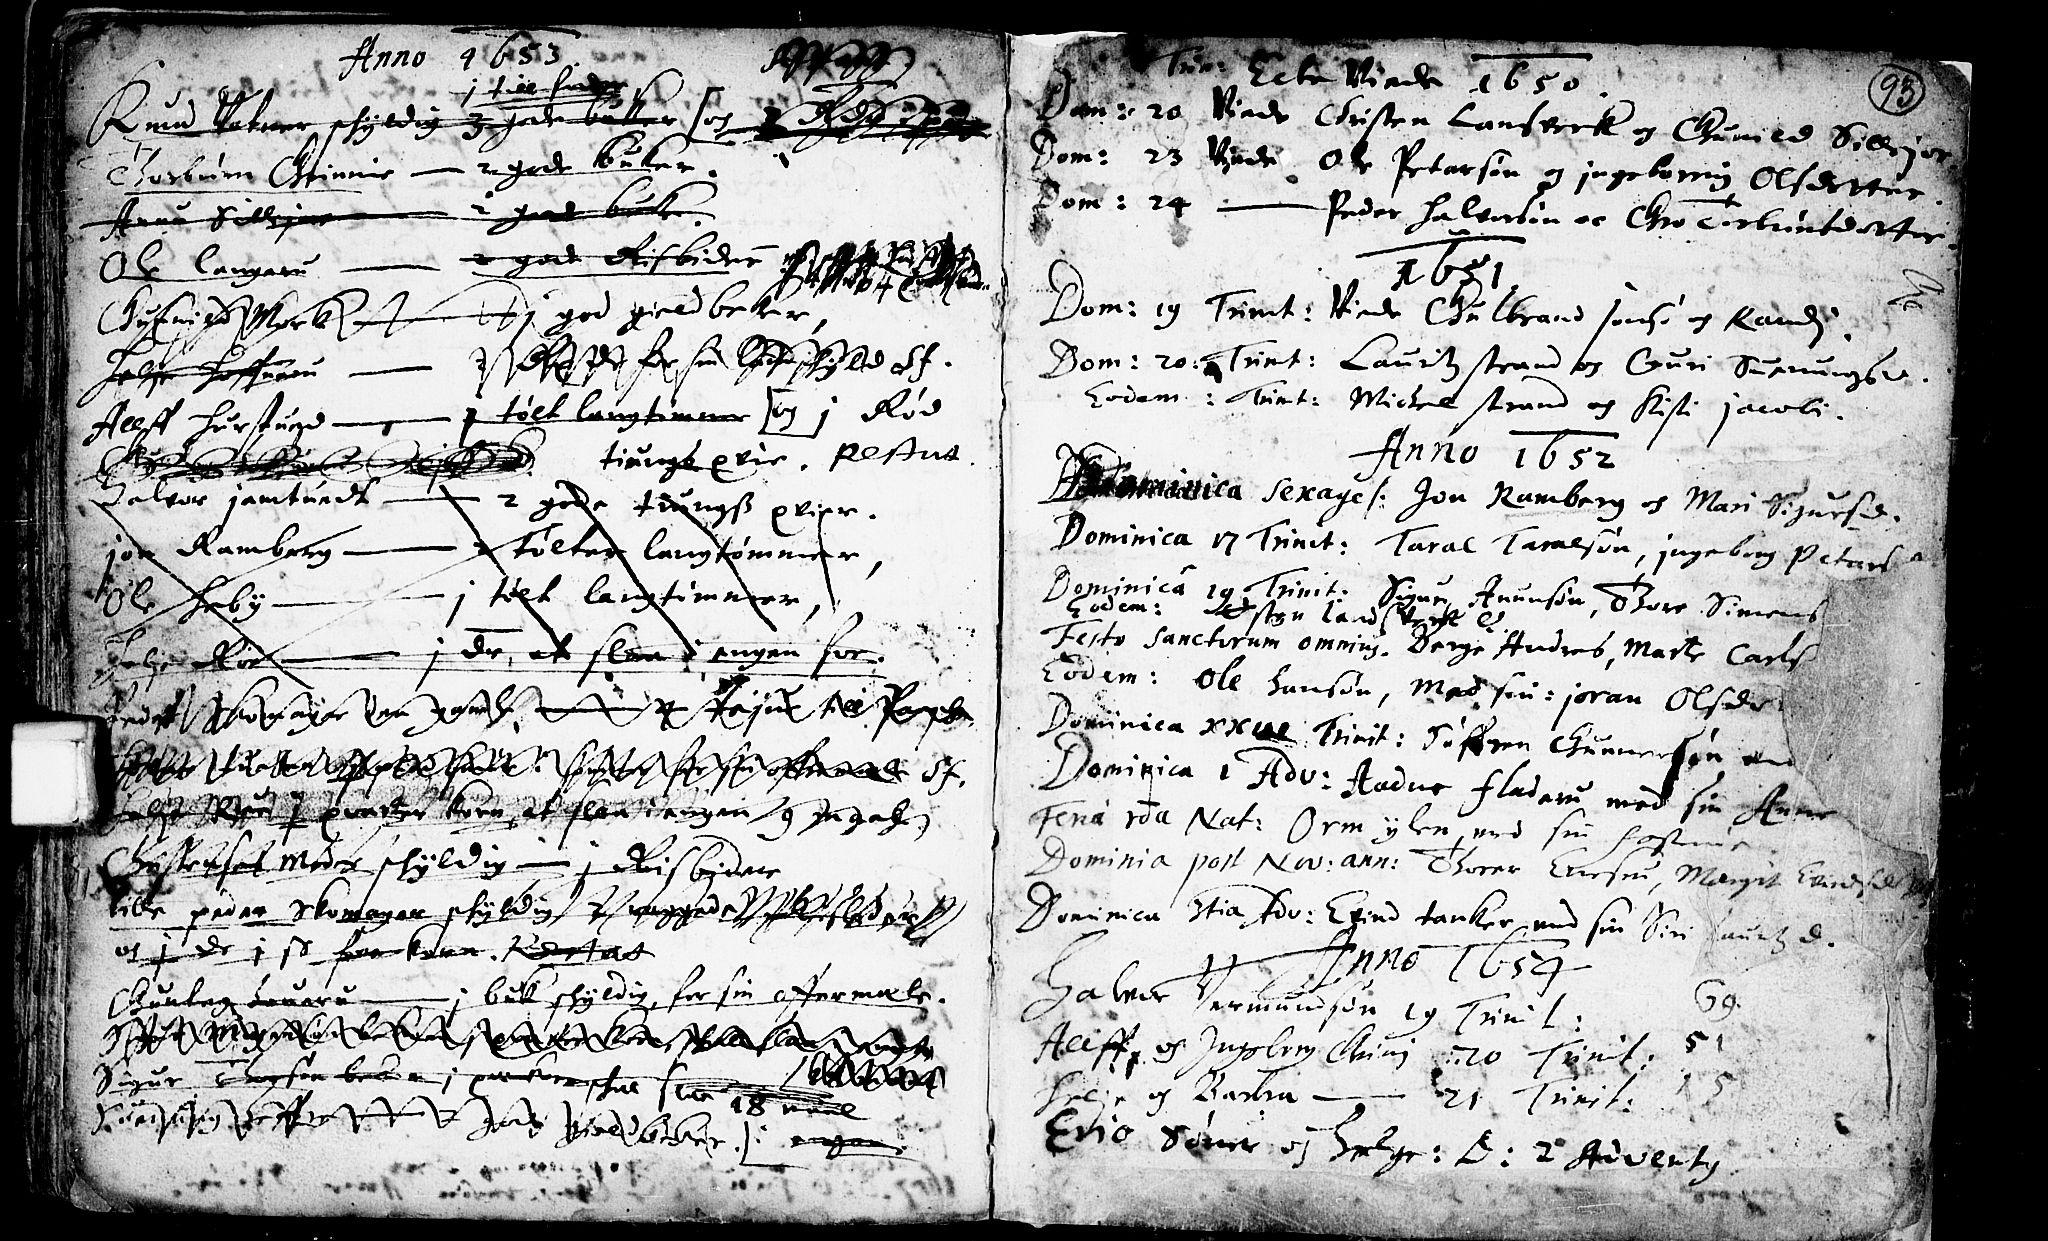 SAKO, Heddal kirkebøker, F/Fa/L0001: Ministerialbok nr. I 1, 1648-1699, s. 93